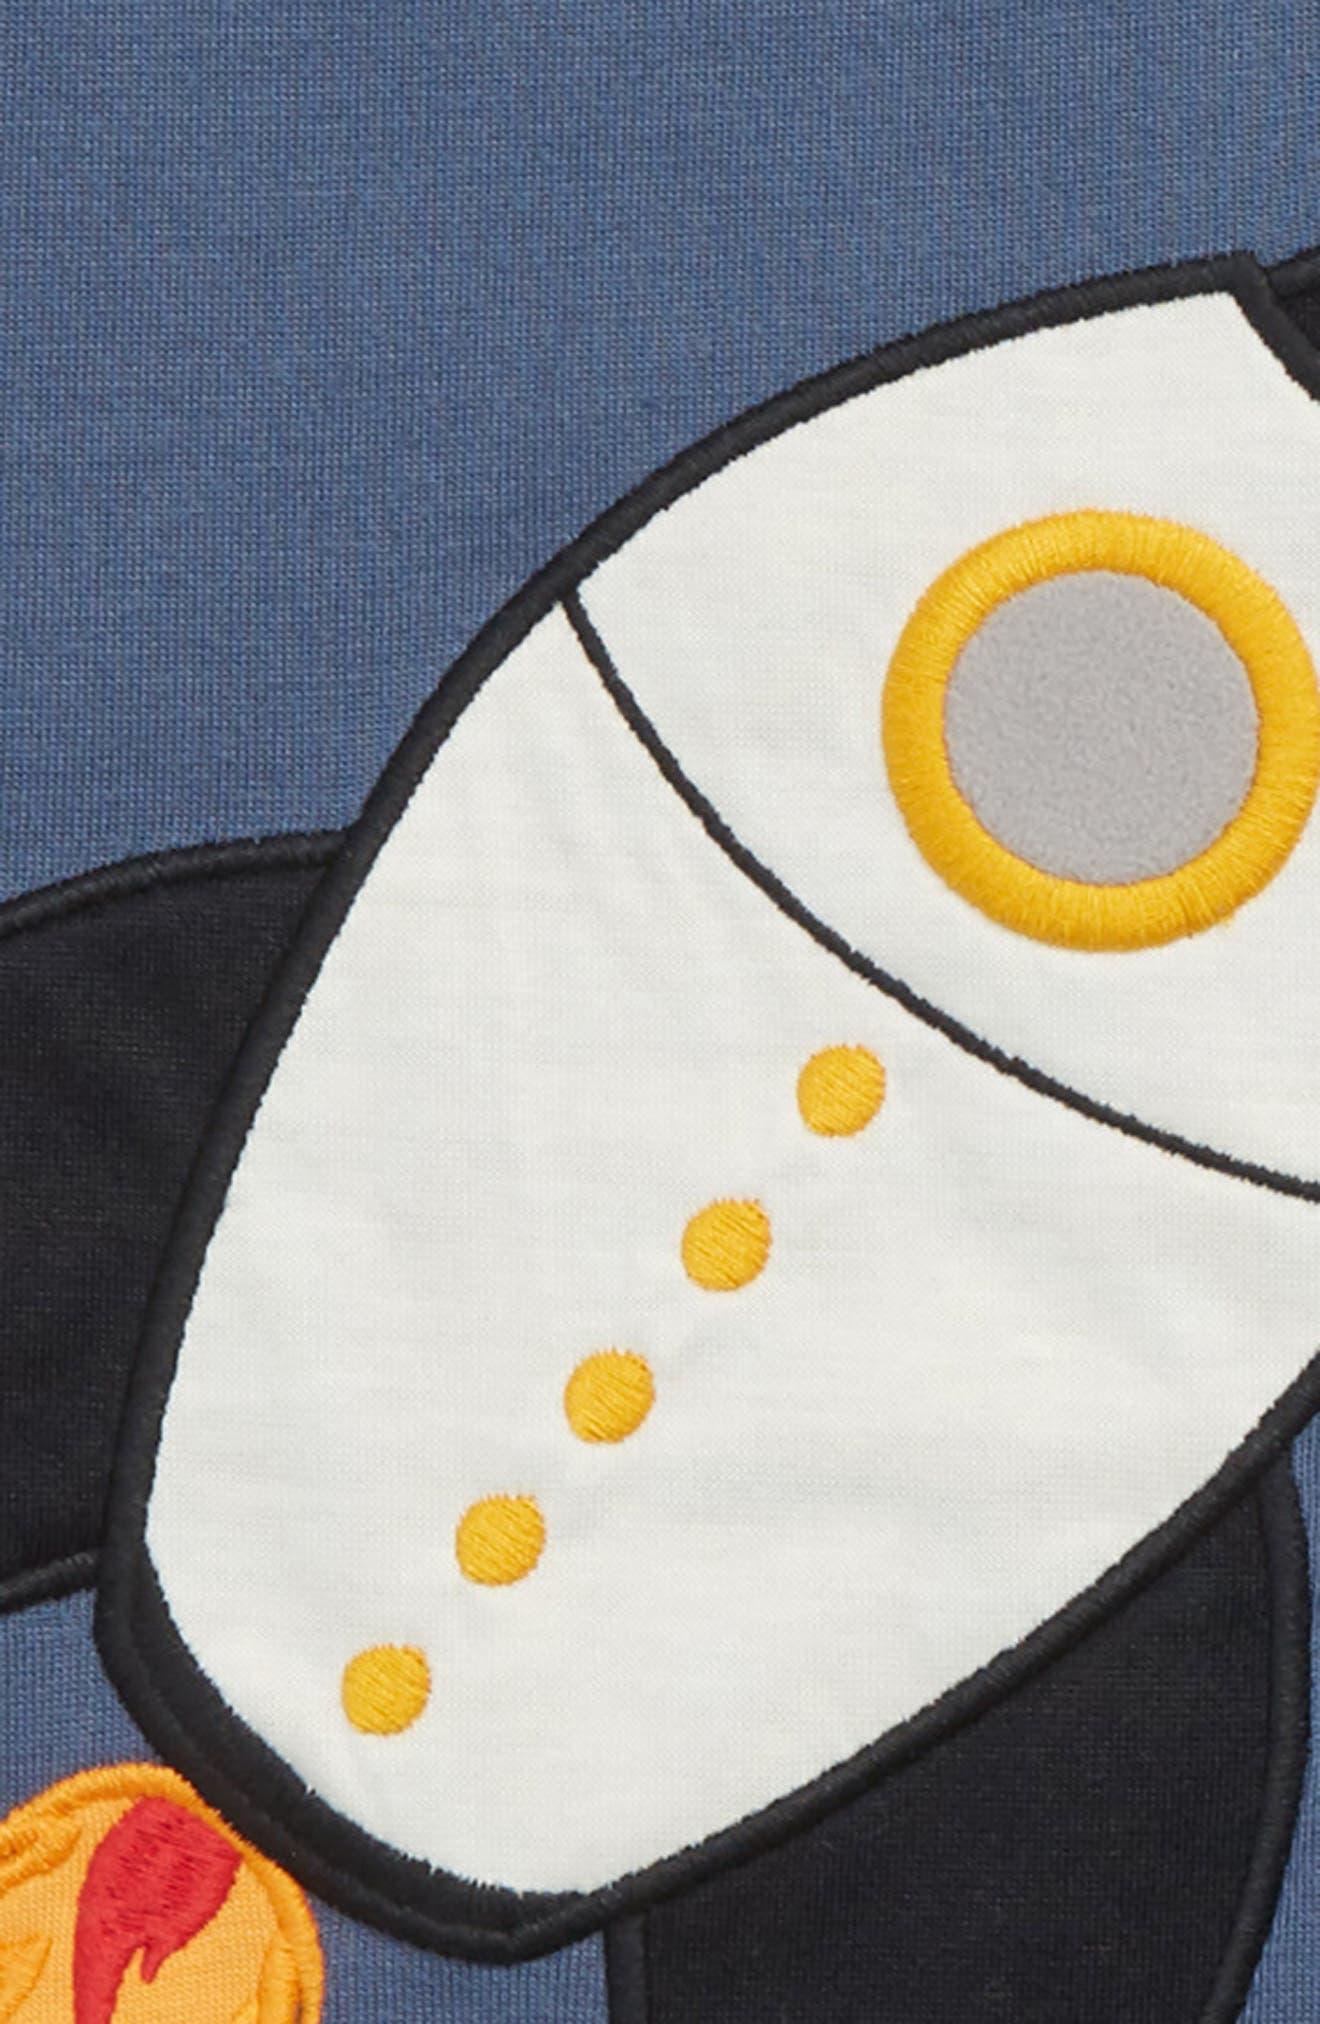 Appliqué Two-Piece Pajamas,                             Alternate thumbnail 2, color,                             BLUE VINTAGE ROCKET